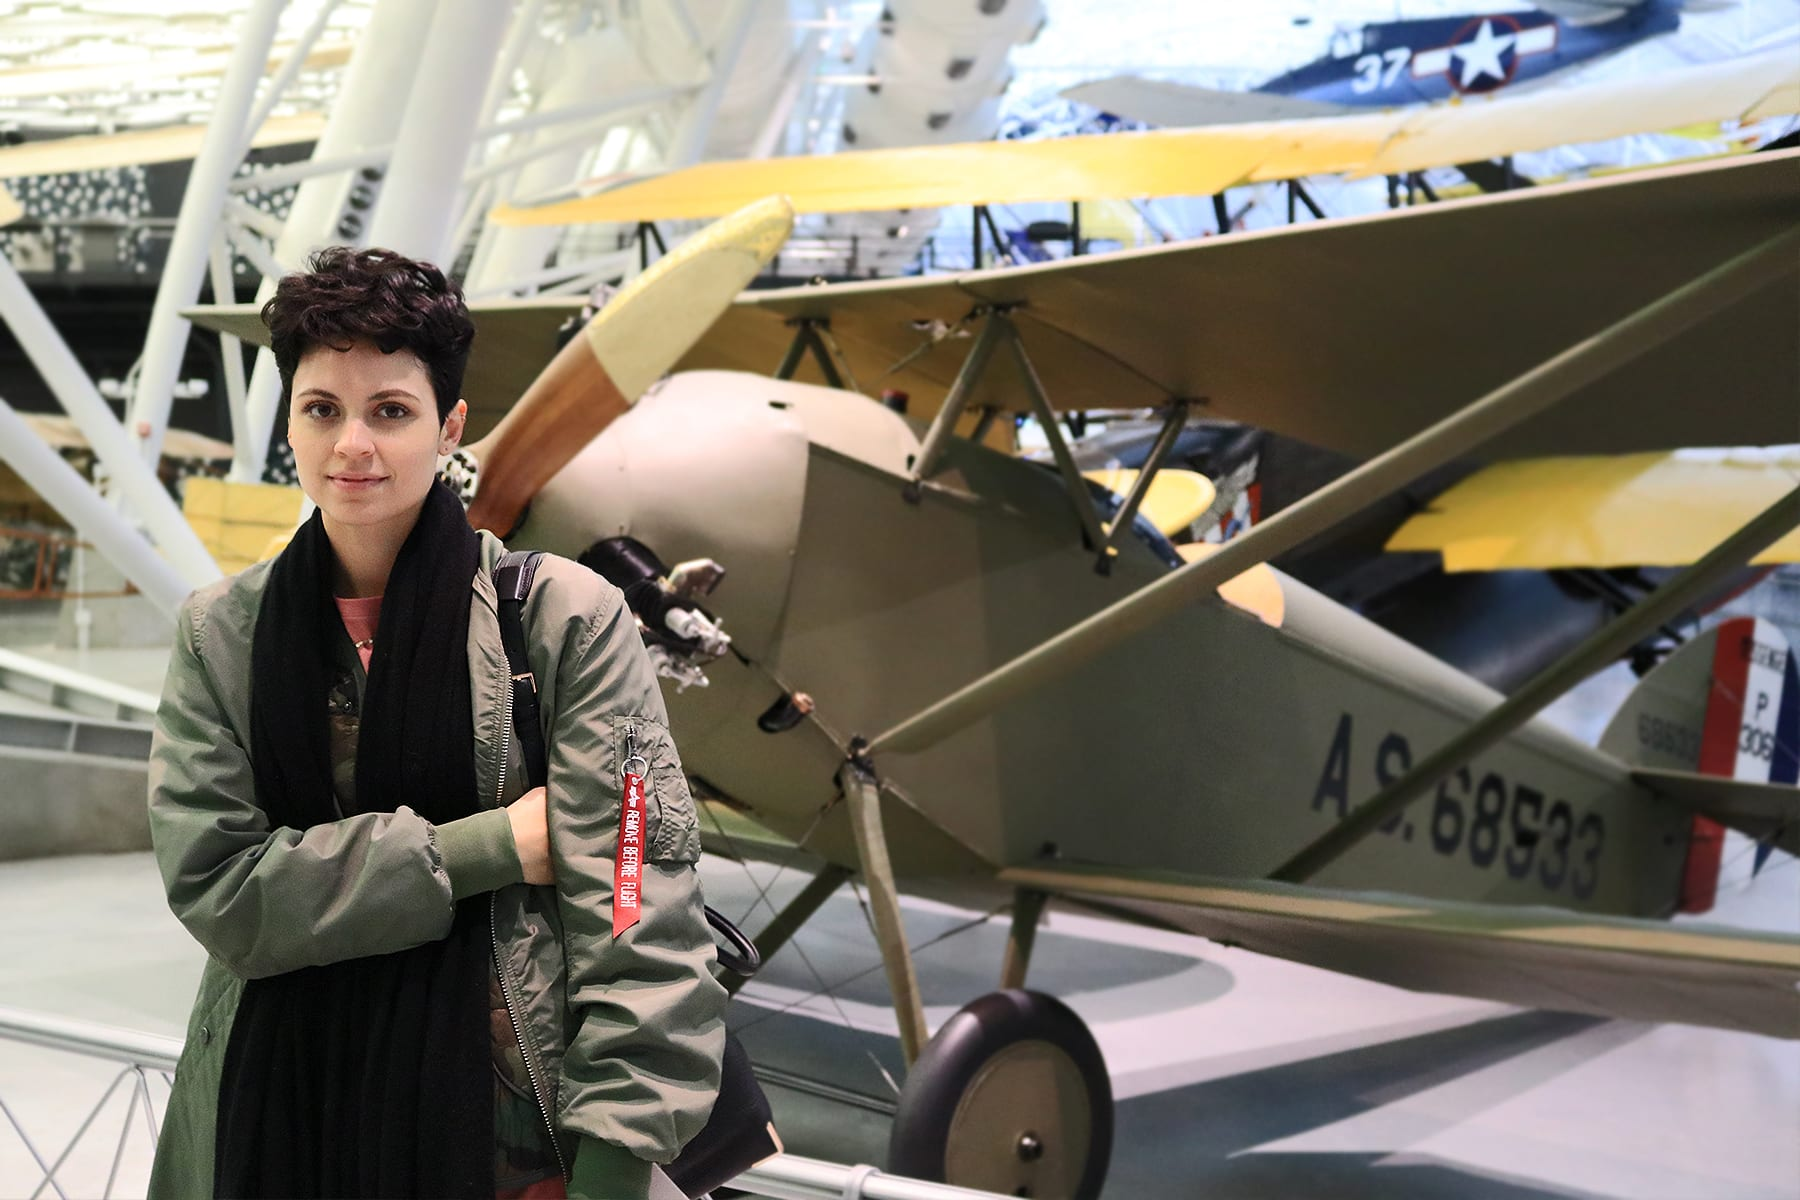 journey-11-VA-airspacemuseum15.jpg